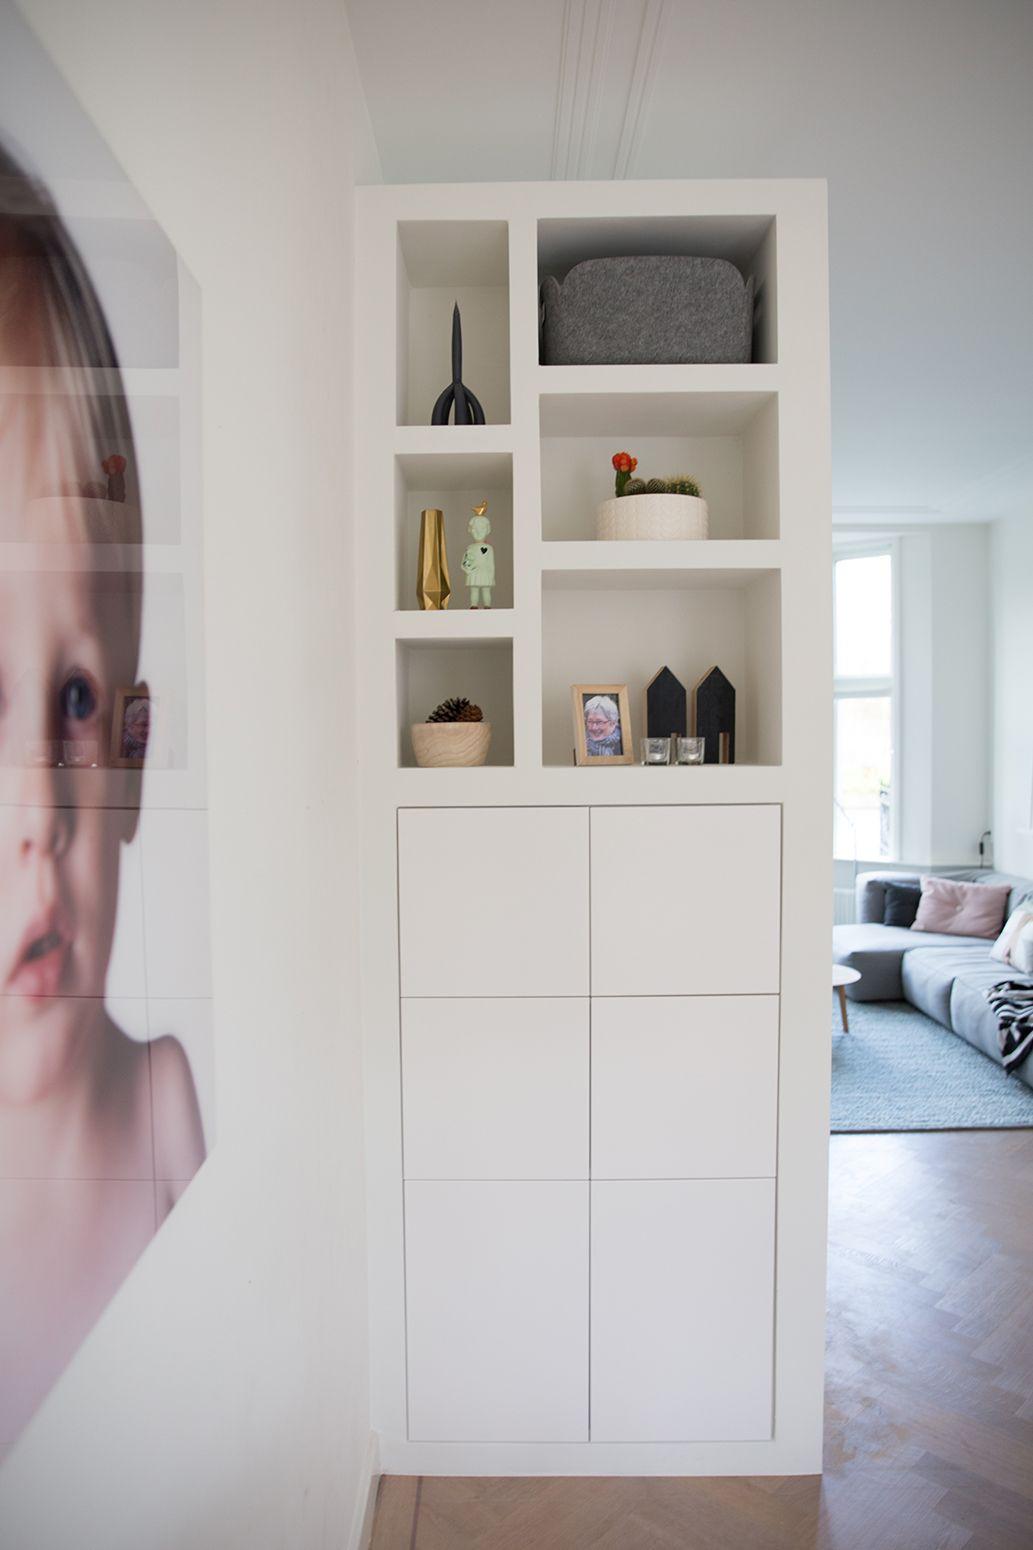 Inbouwkast woonkamer | woonkamer inspiratie | Huis | Pinterest ...